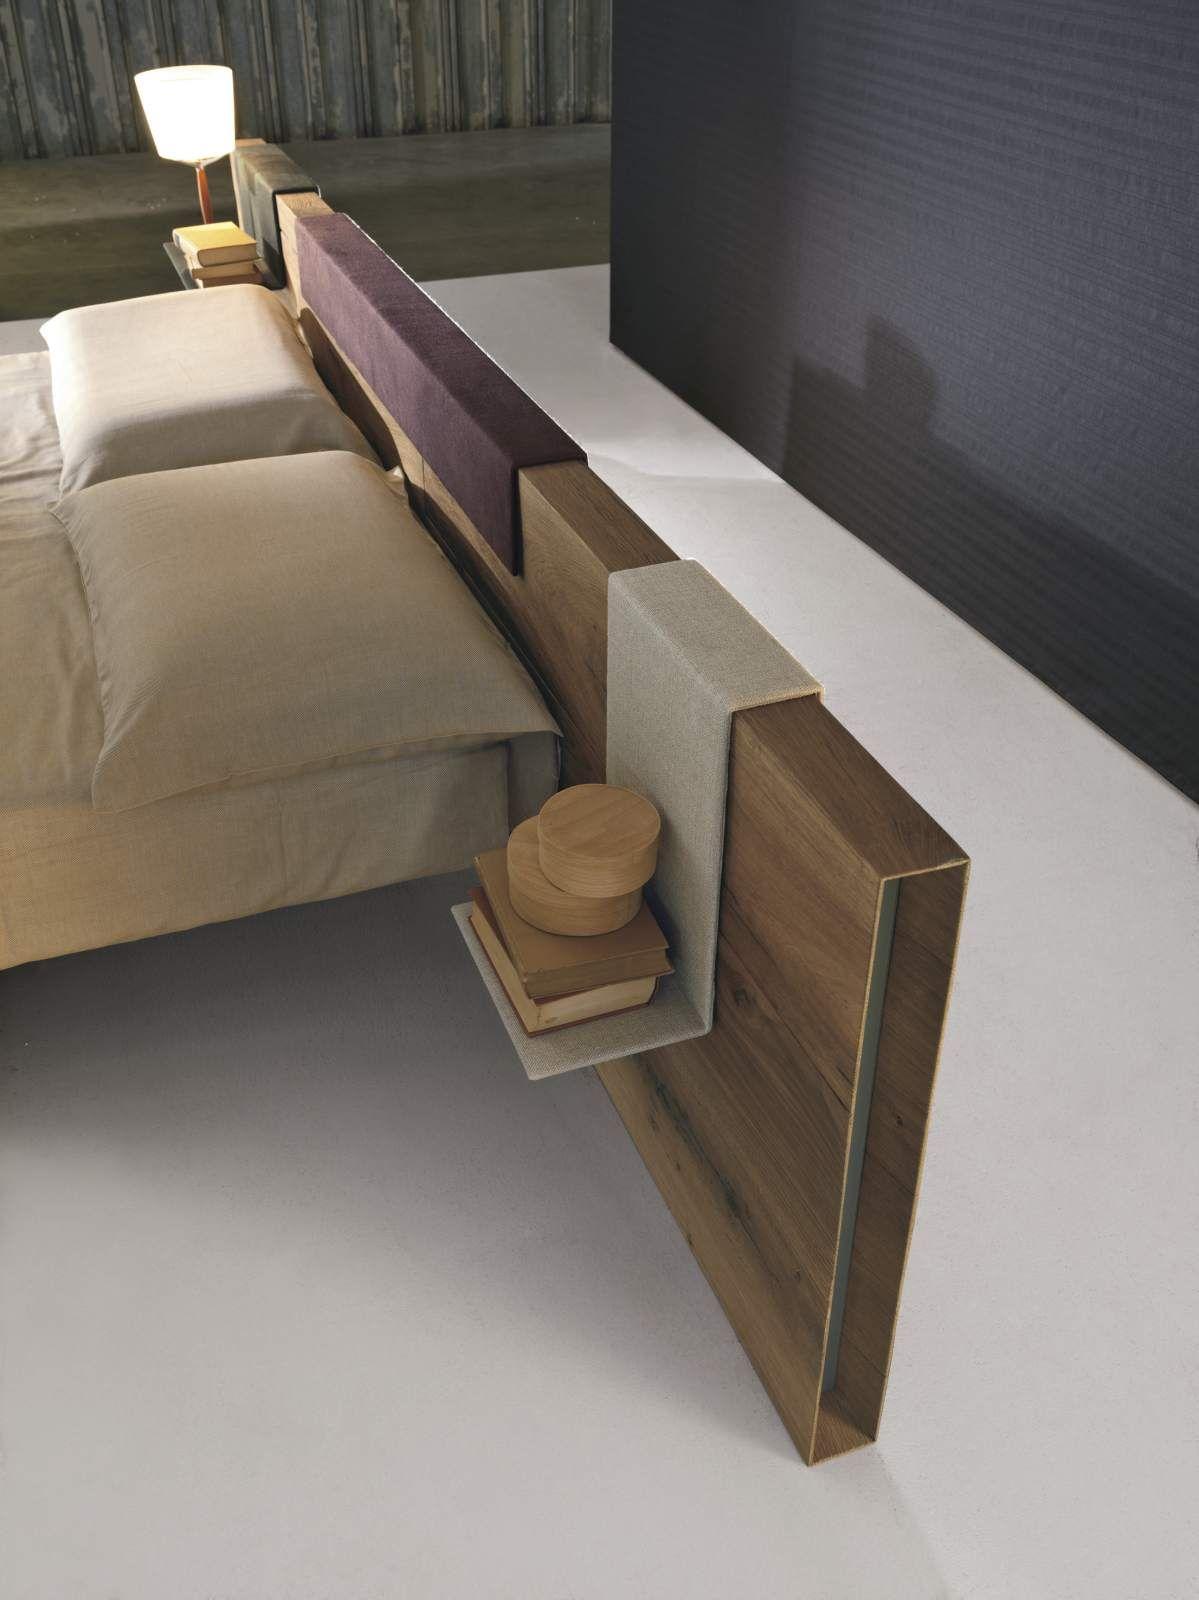 Mobili Design Camera Da Letto.Letto Air Wildwood Letto Design Moderno Camera Da Letto Design